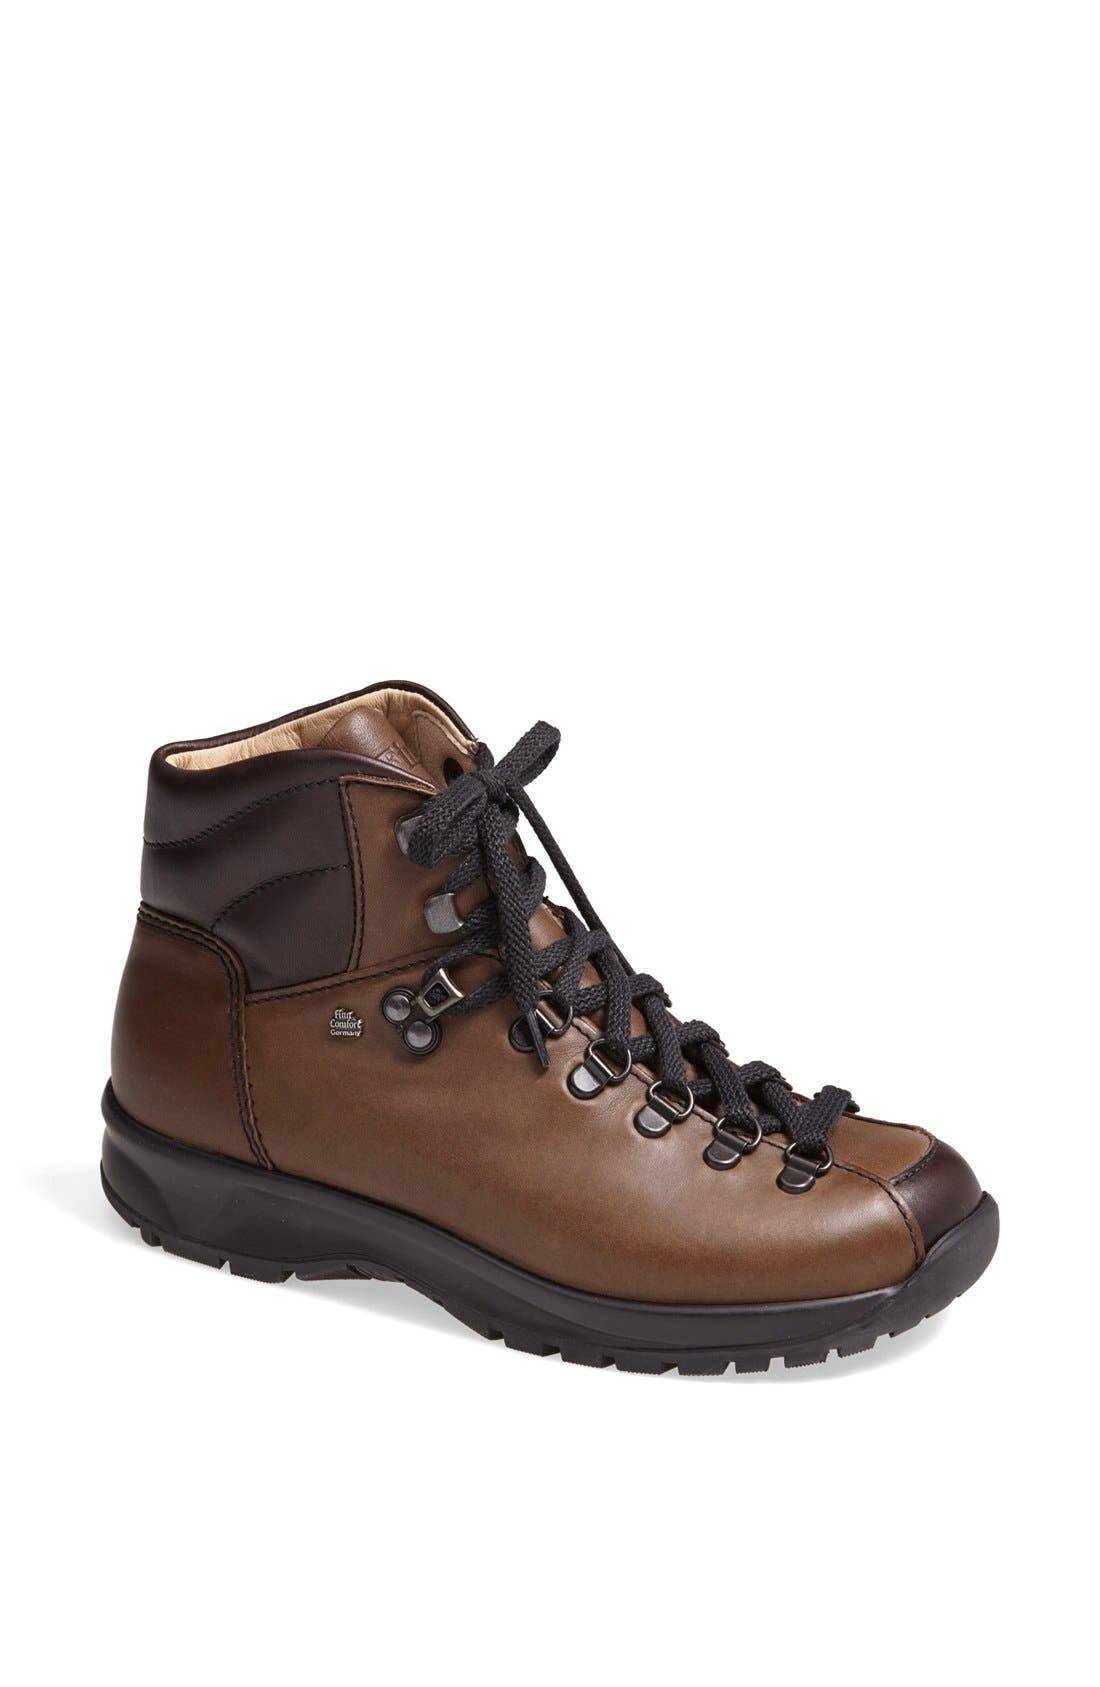 Finn Women's 'Garmisch' Leather Hiking Boot JqrYaSA5